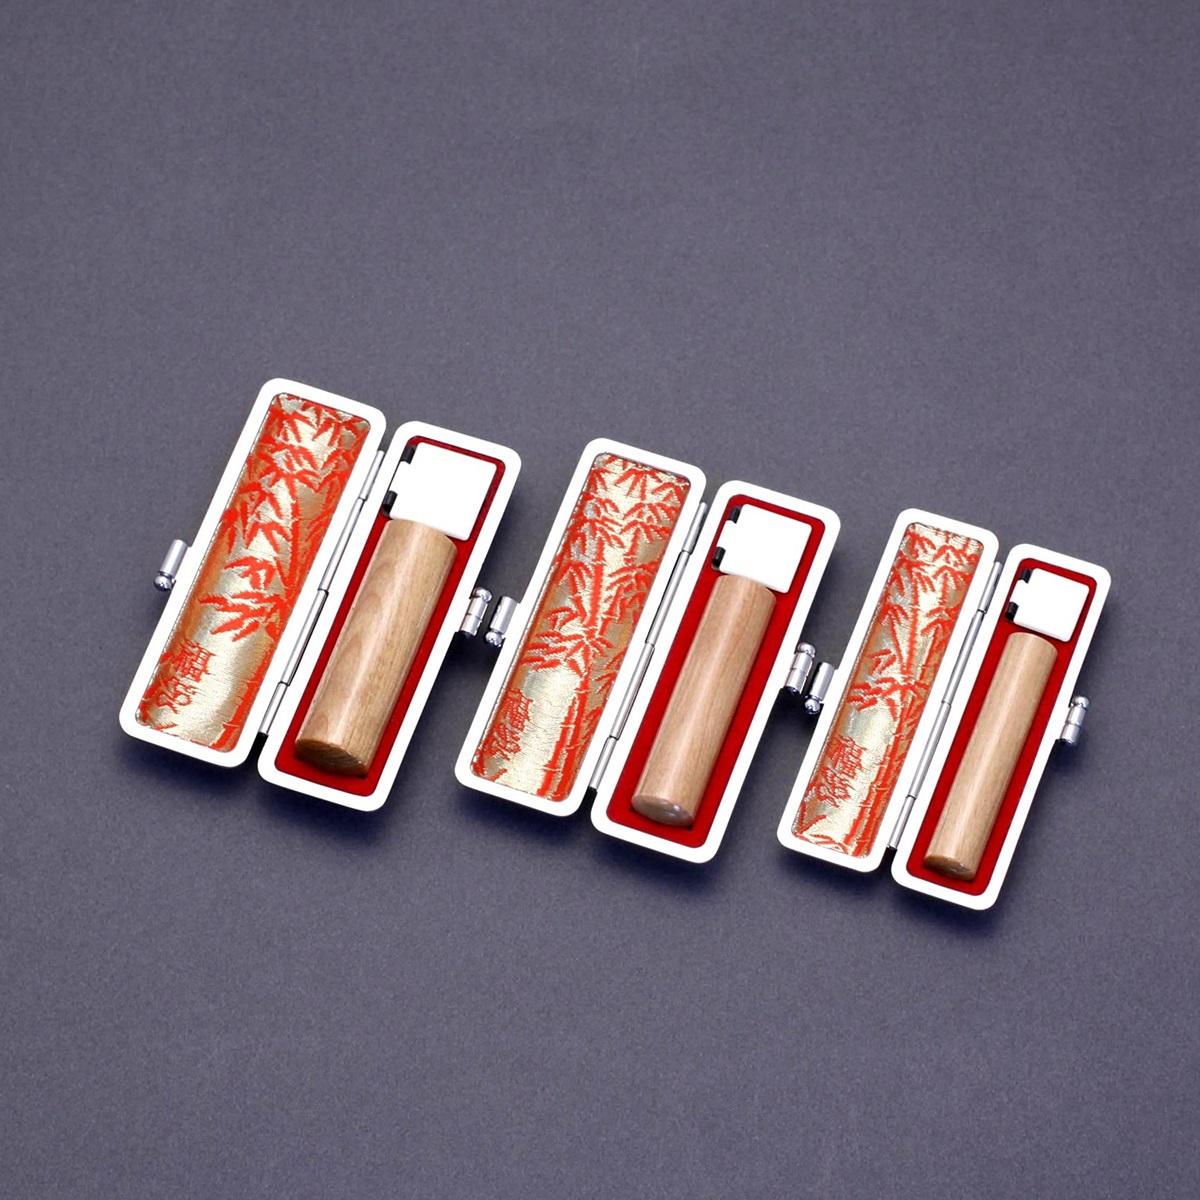 印鑑 セット 3本 実印 銀行印 認印 セット 高級本トカゲケースx3個付 印鑑セット-S オノオレカンバ 無垢印材 15mm12mm10.5mm 印鑑10年保証付 印鑑プレビュー無料 トップクラスの匠-大周先生の美しい印影を匠の技で彫る超高級印鑑